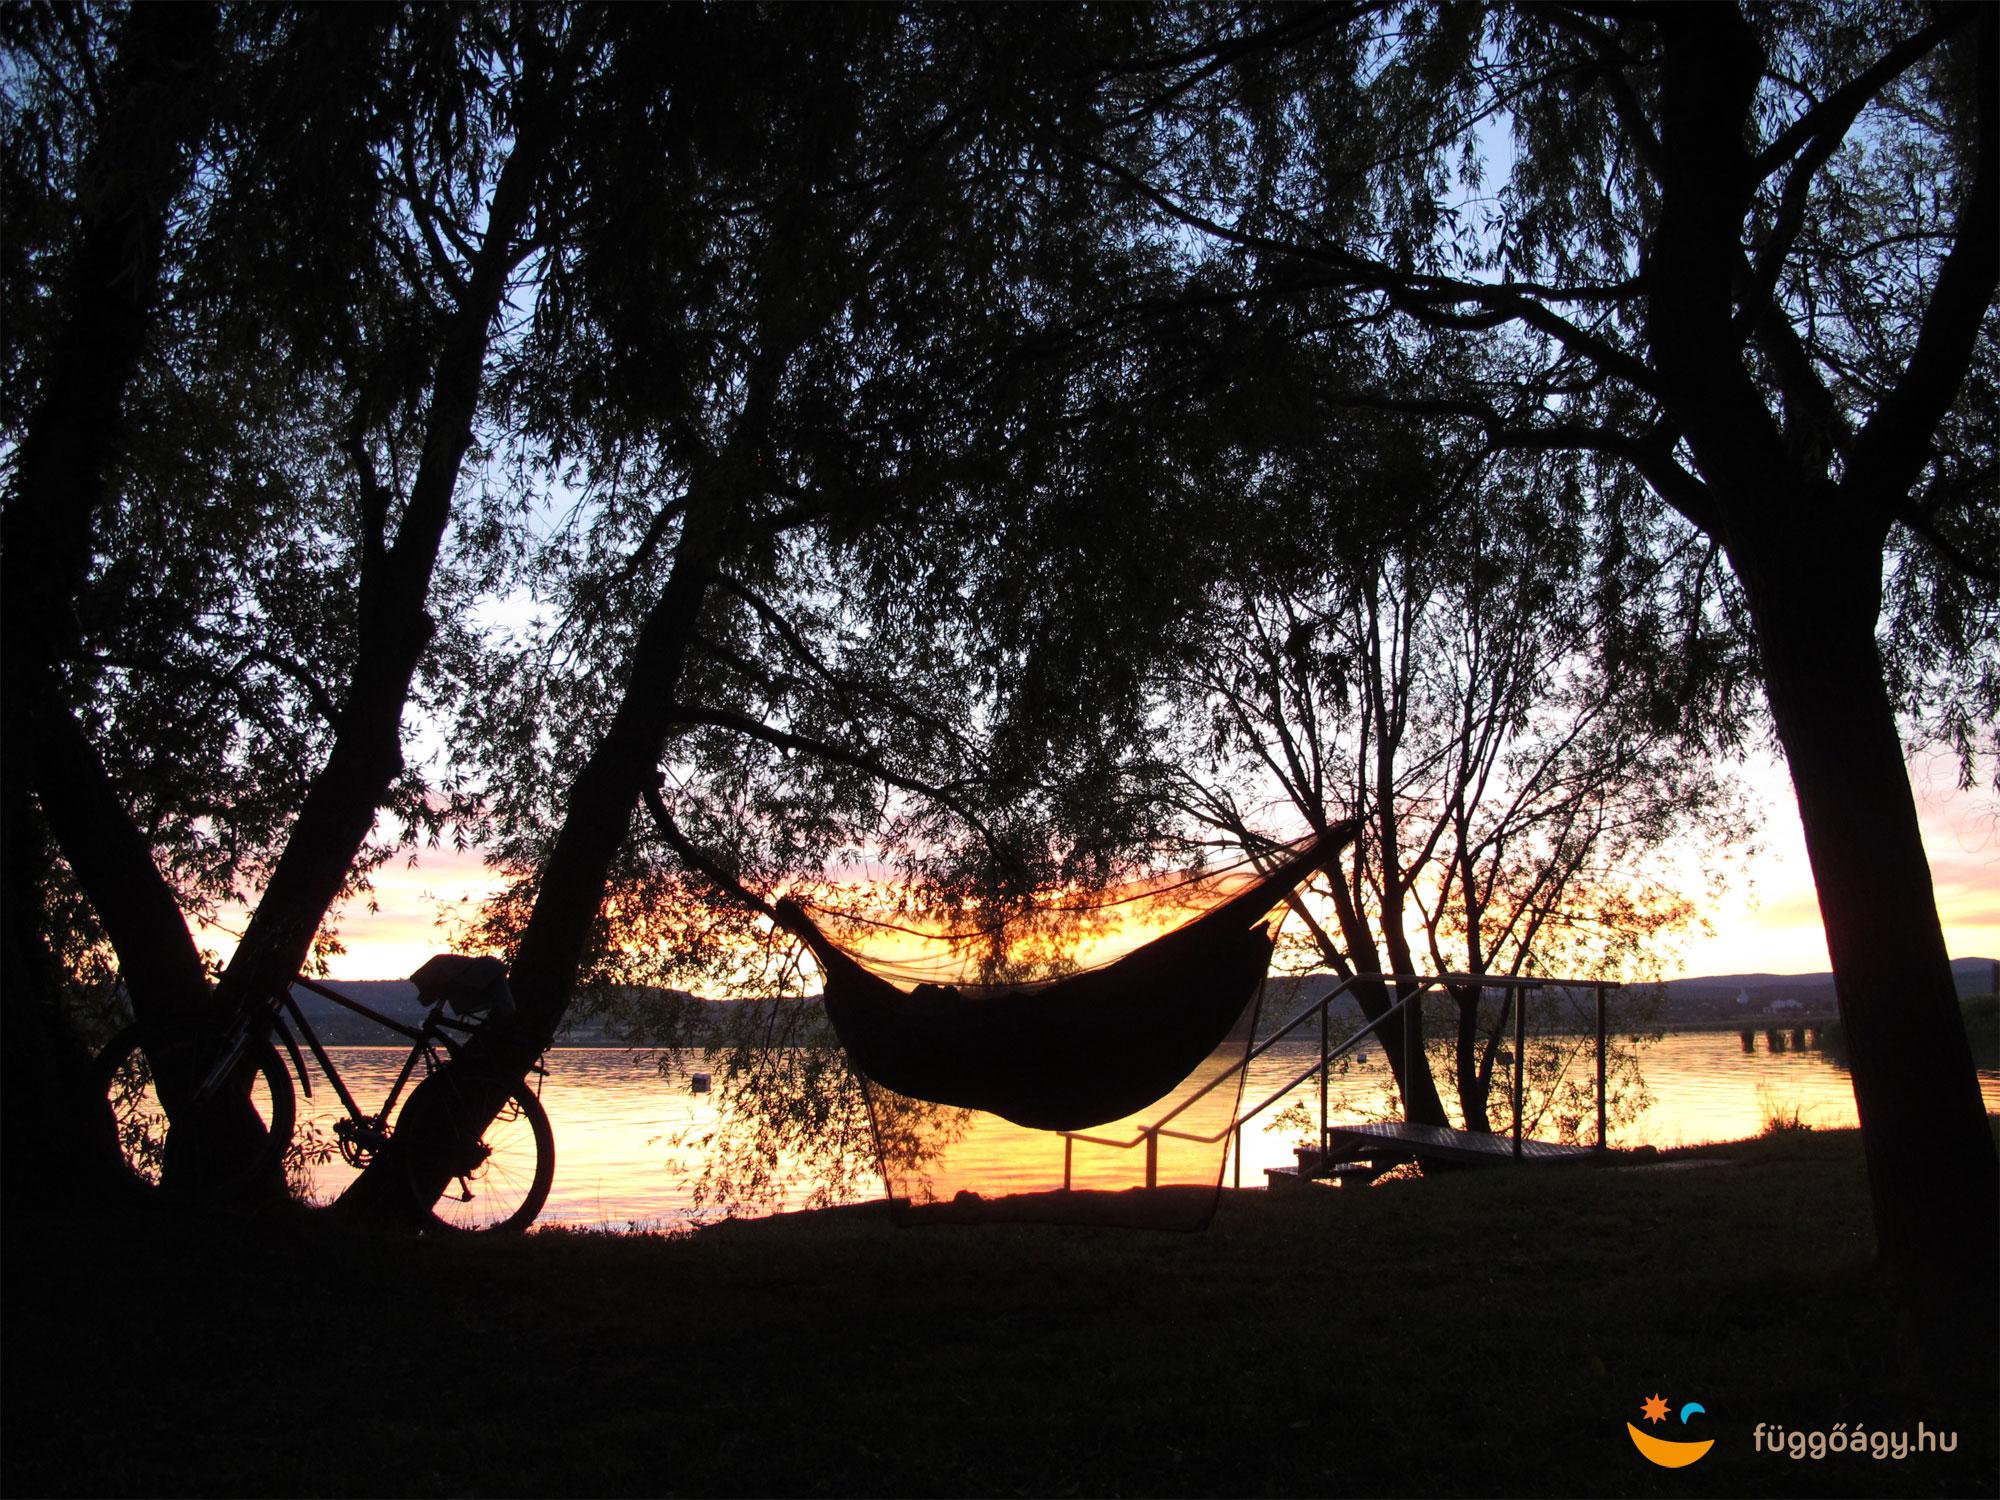 Függőágyban alvás a Balatonparton